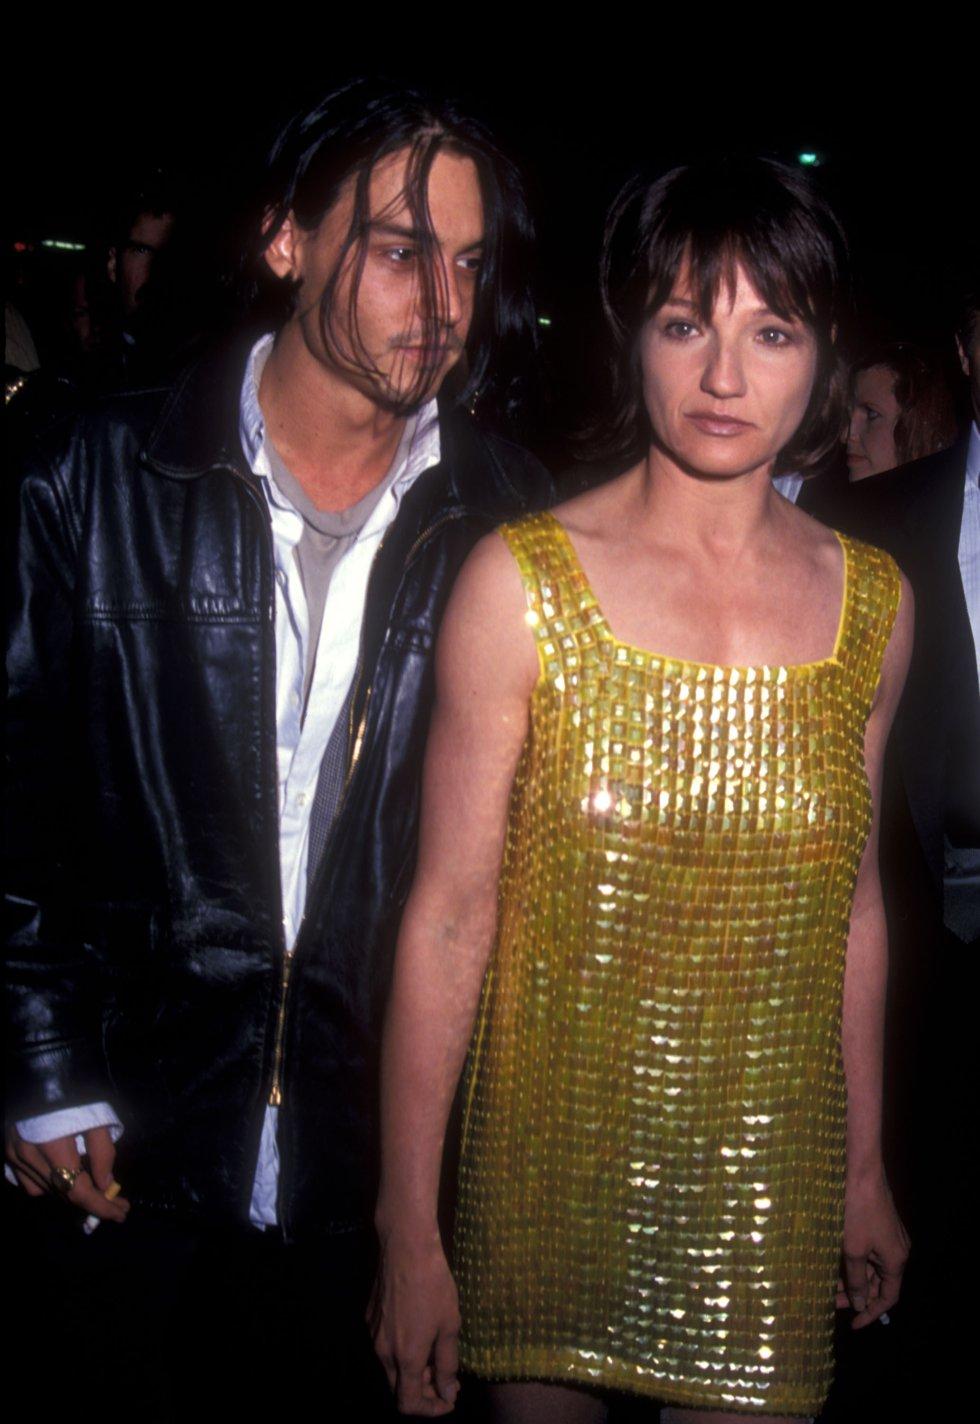 En 1994 Deep fue novio de quien era 10 años mayor que él, Ellen Barkin. Esta relación duro muy poco.